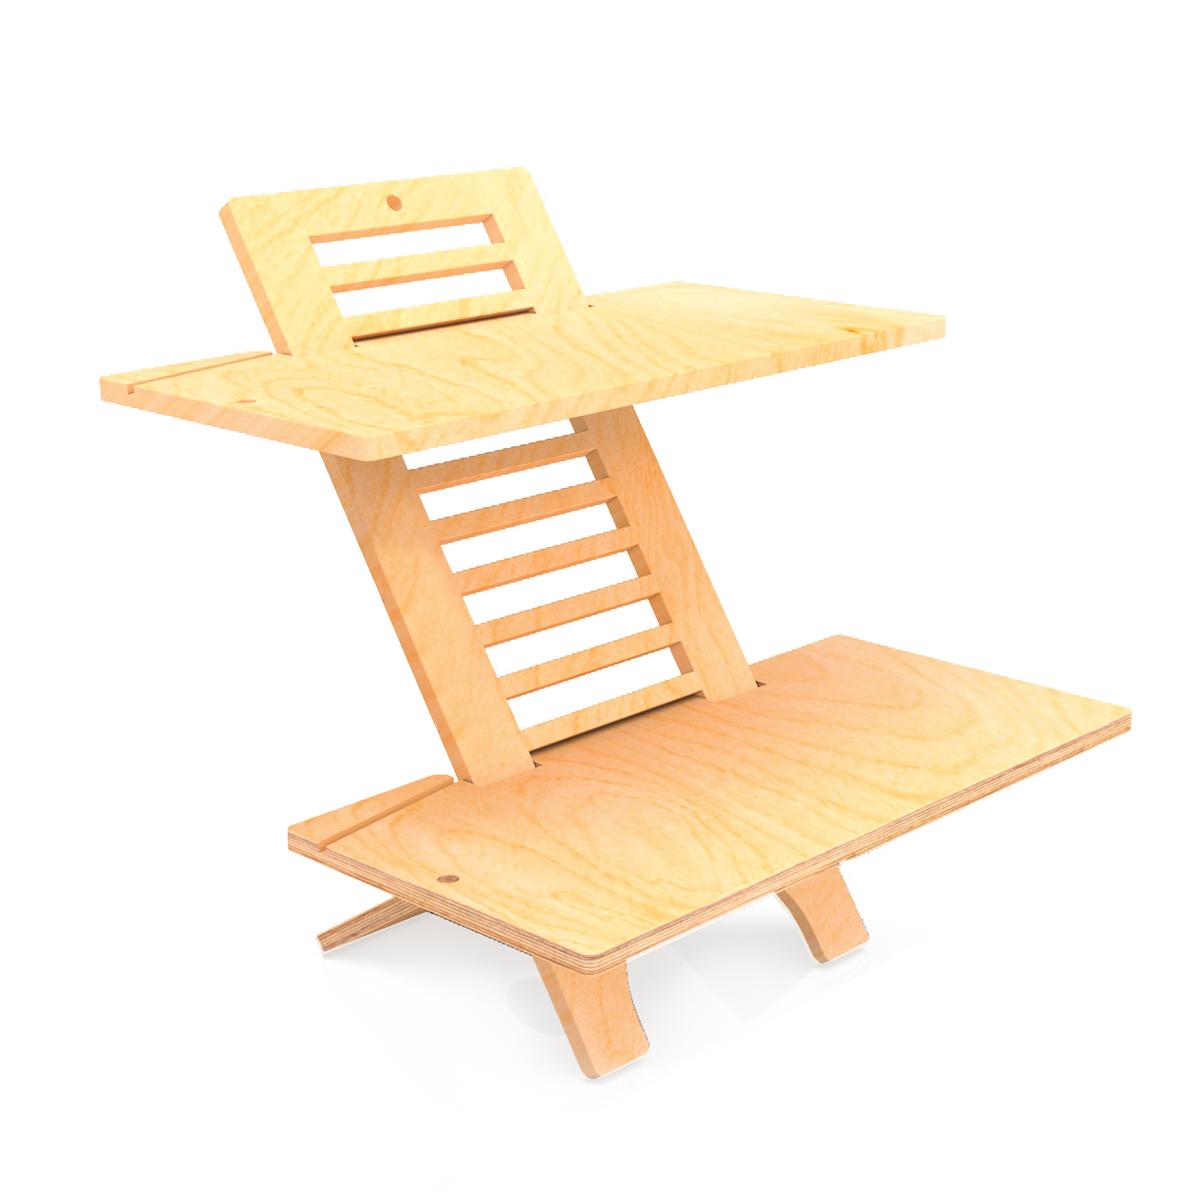 jumbo deskstand standing desk buy online in south africa. Black Bedroom Furniture Sets. Home Design Ideas